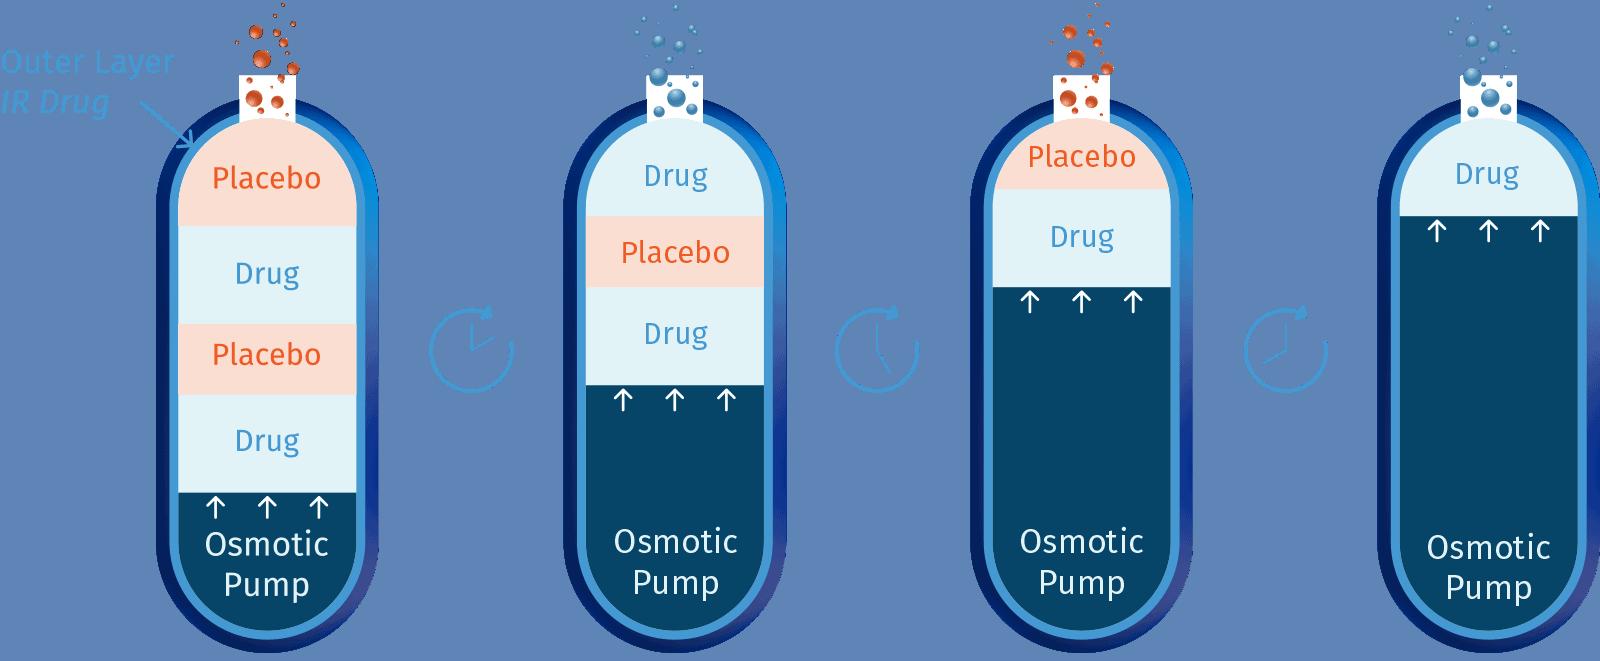 kashiv_drug-delivery-technology_kronotec_1_illustration